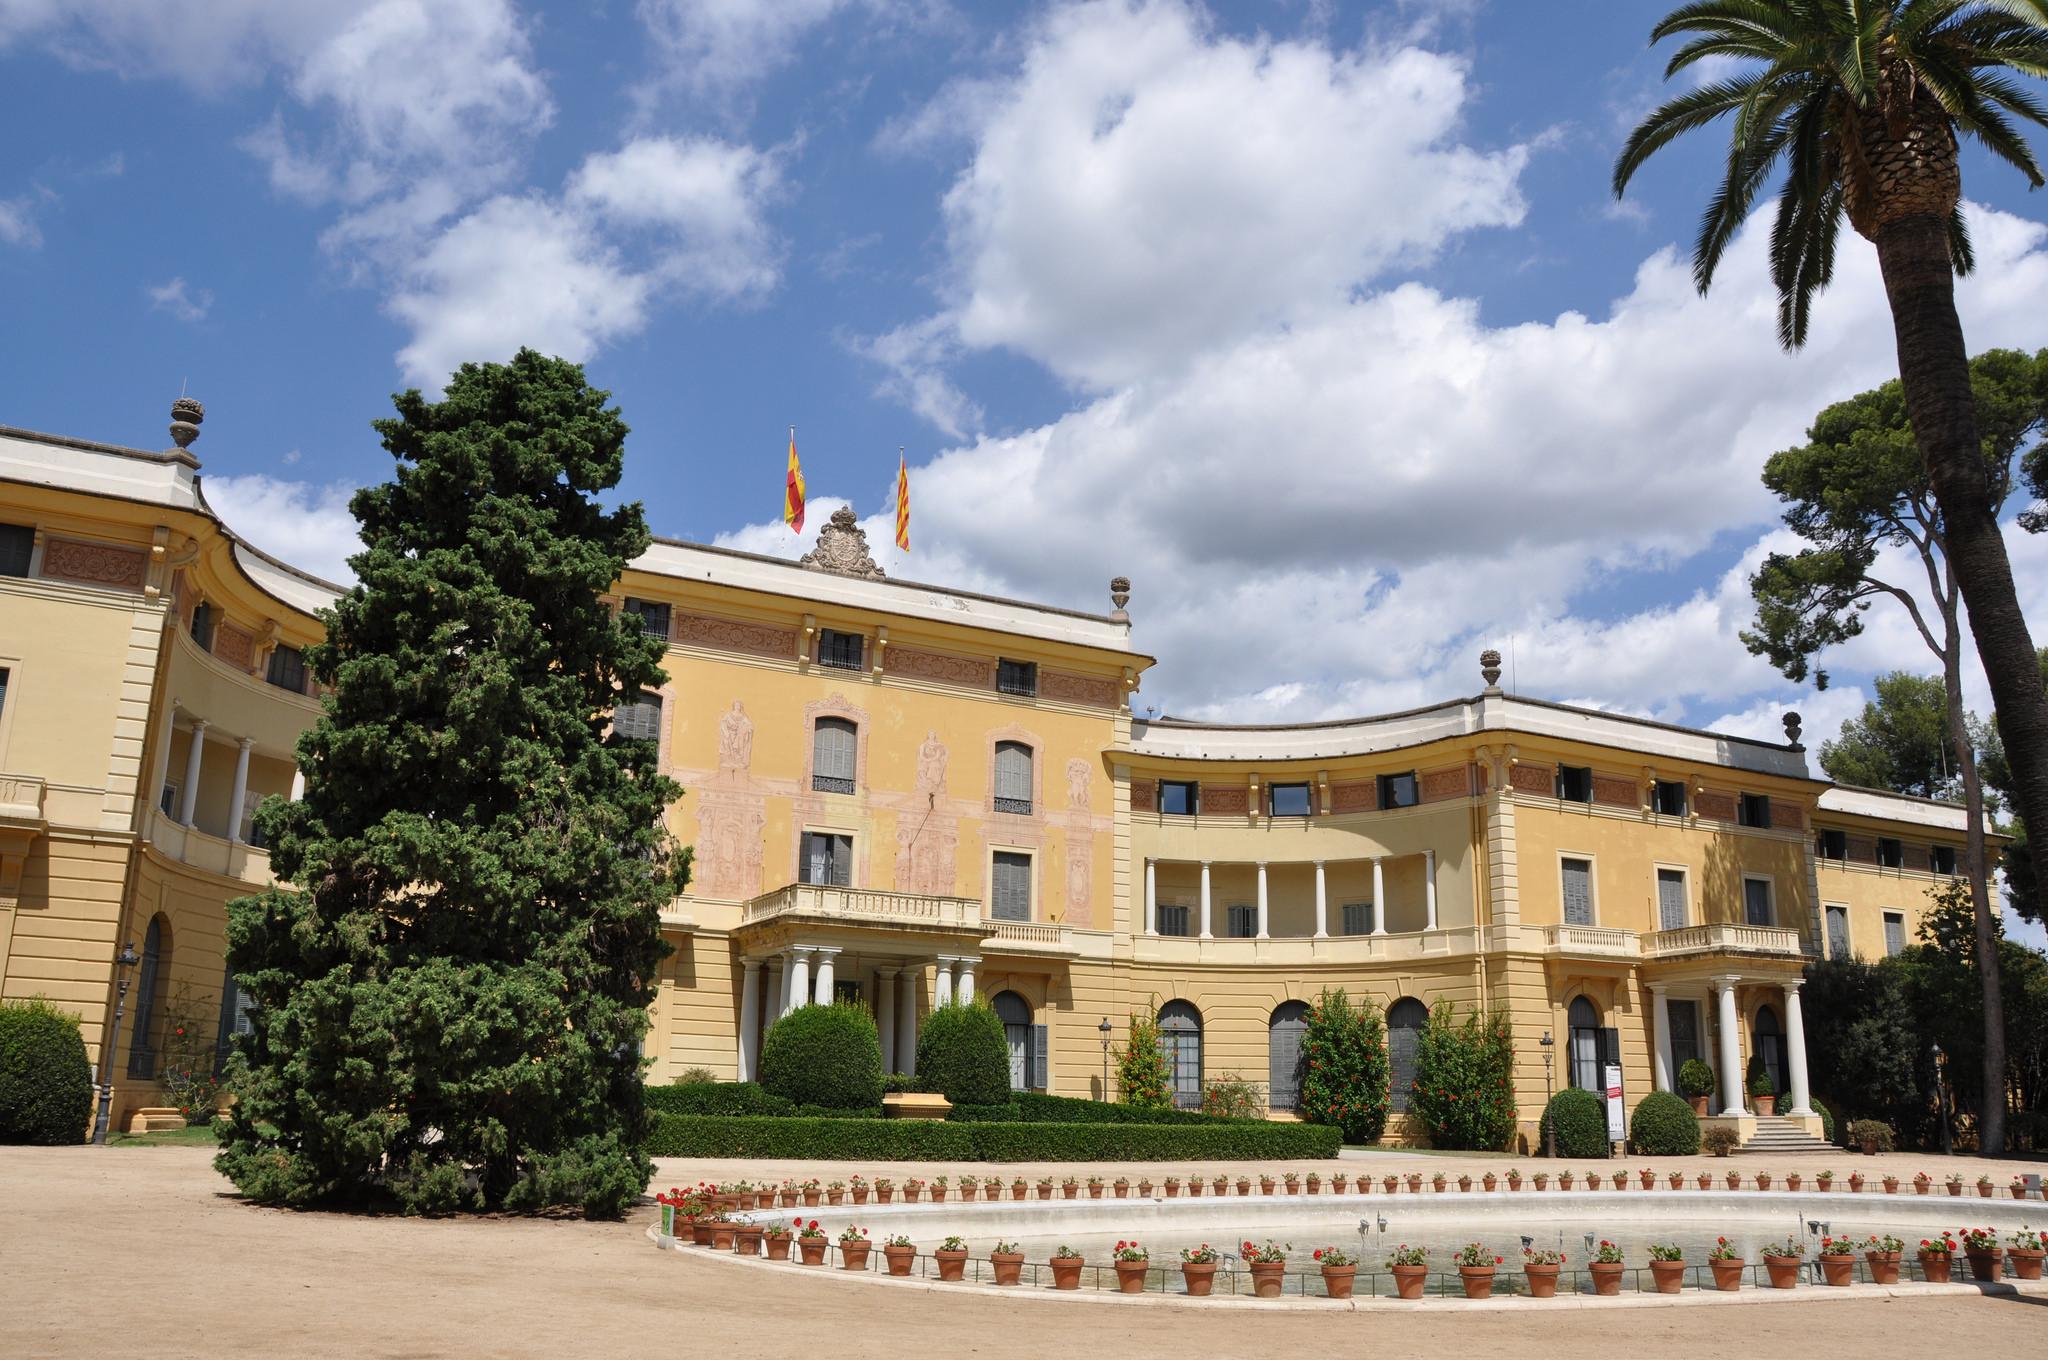 Королевский дворец Педральбес, Барселона